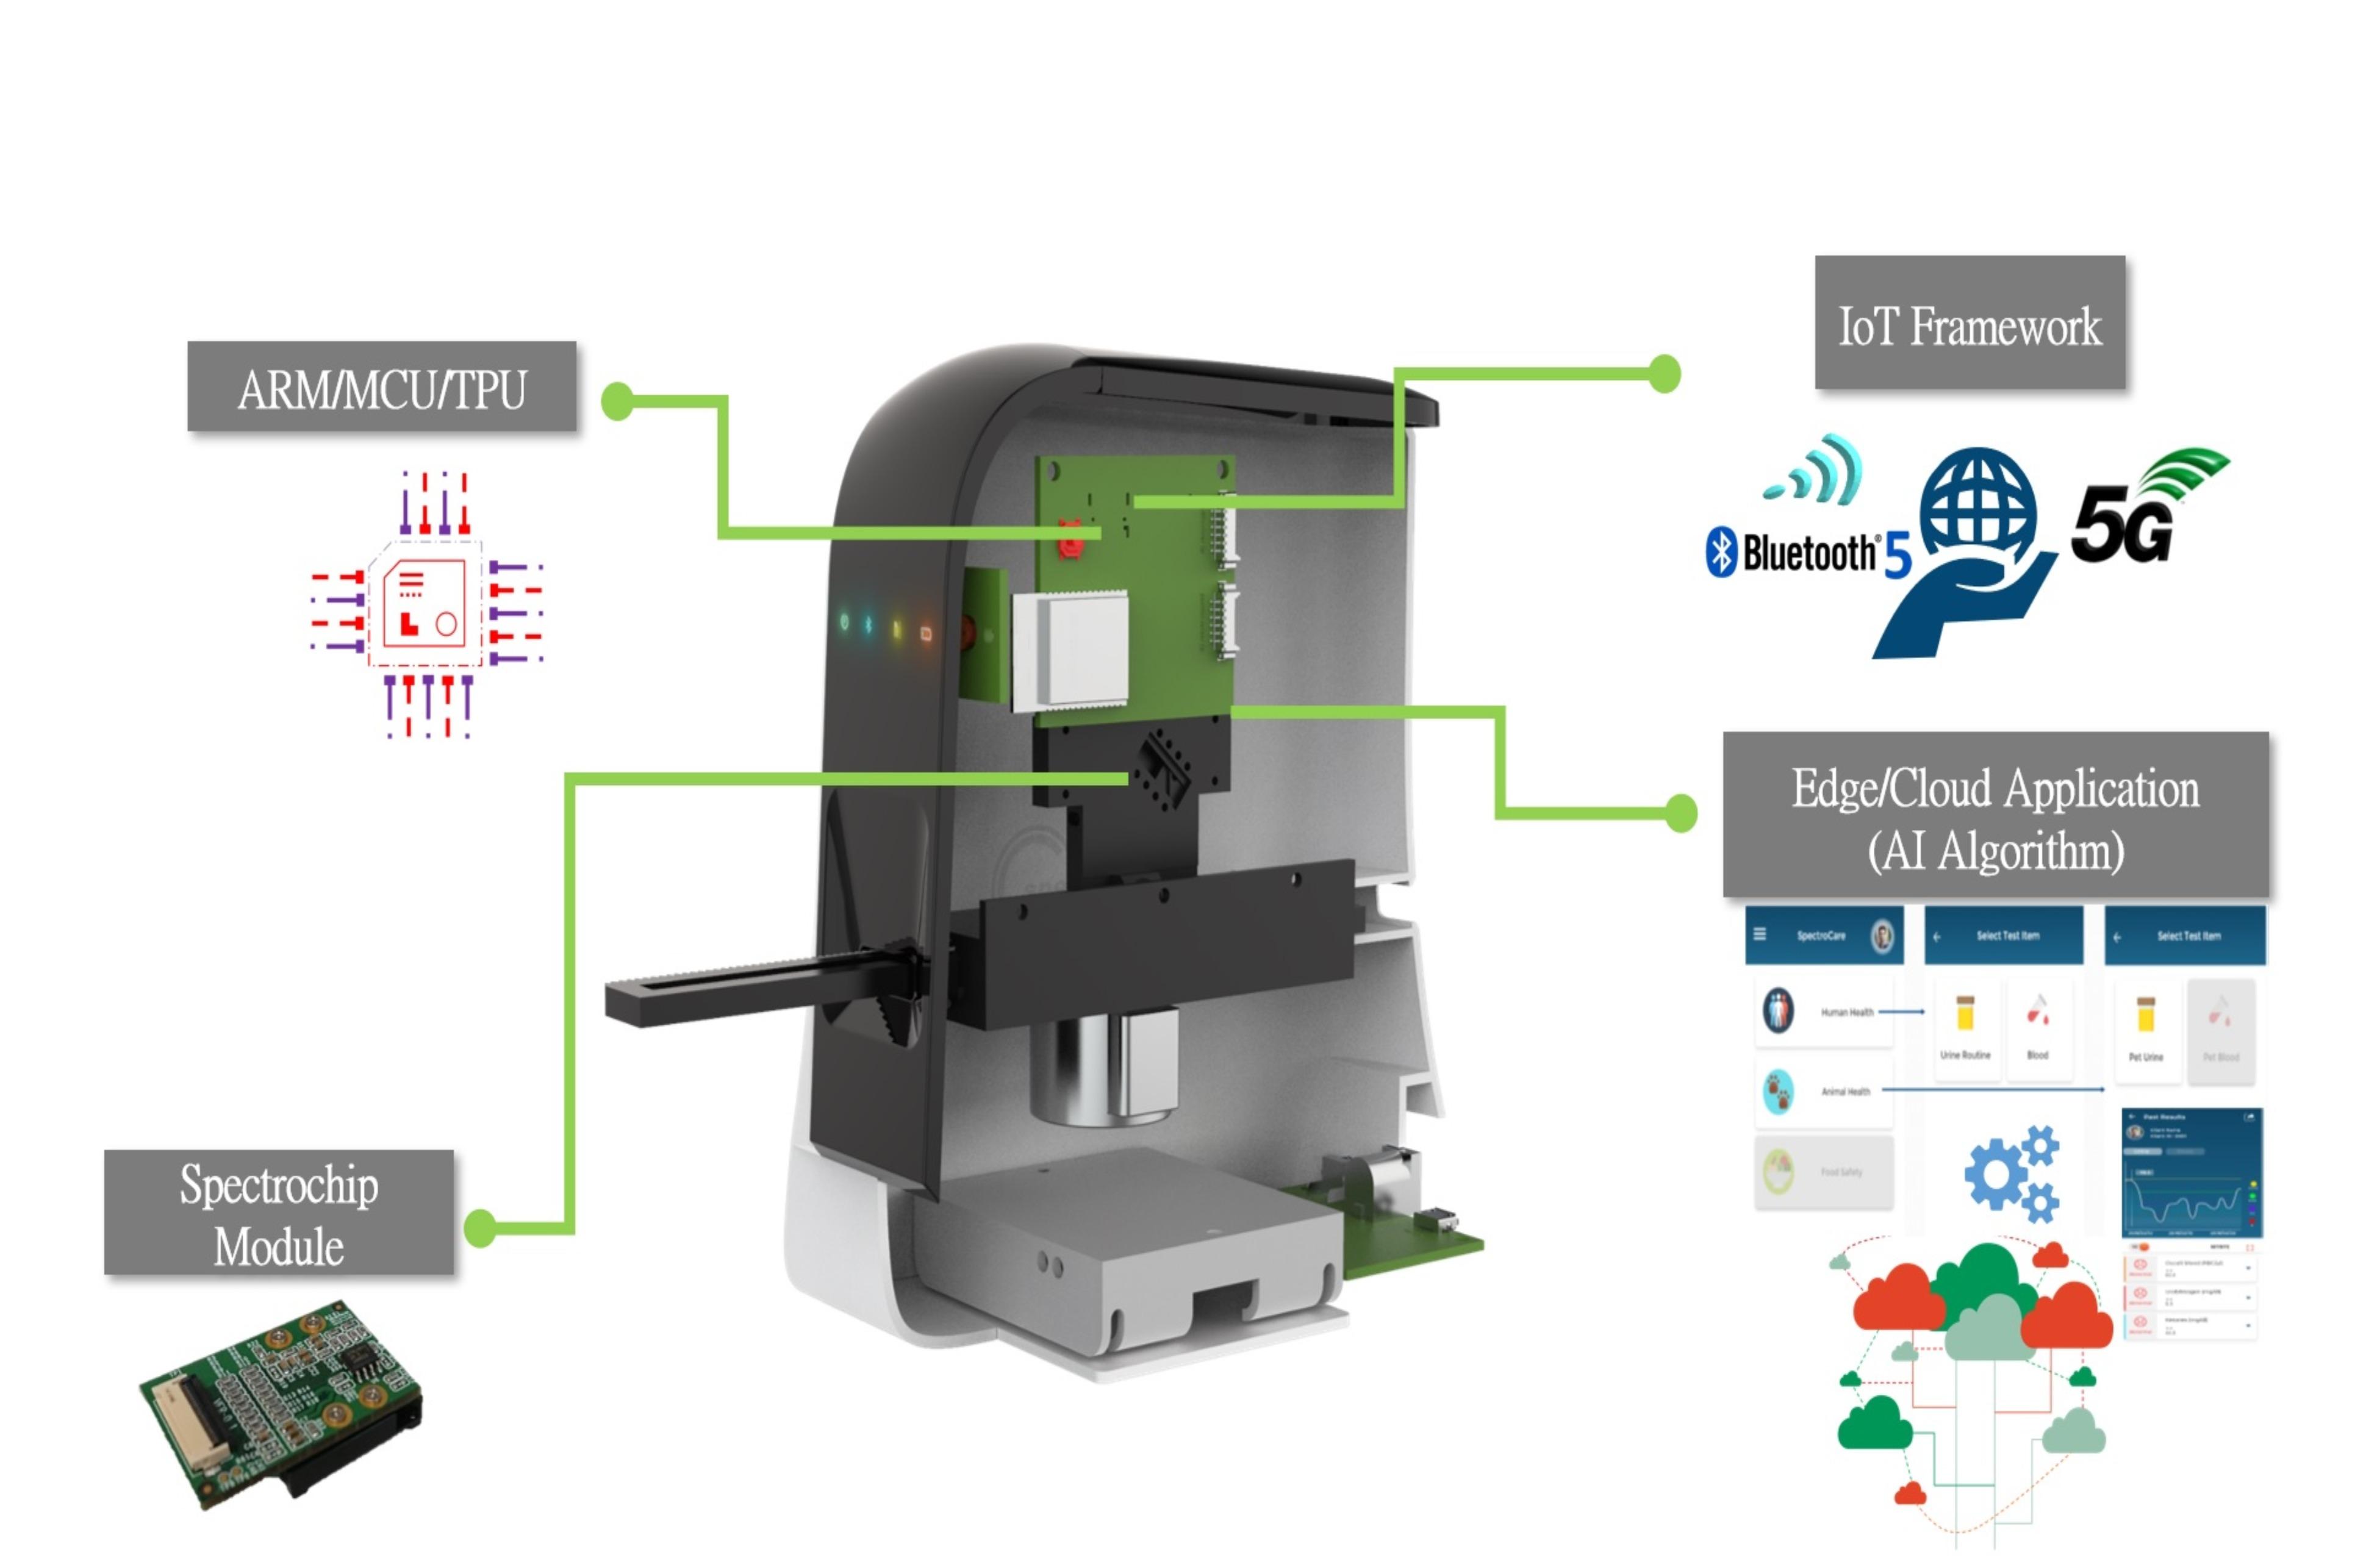 多功能微型光譜儀整合資通訊技術、微縮光晶片及雲端應用